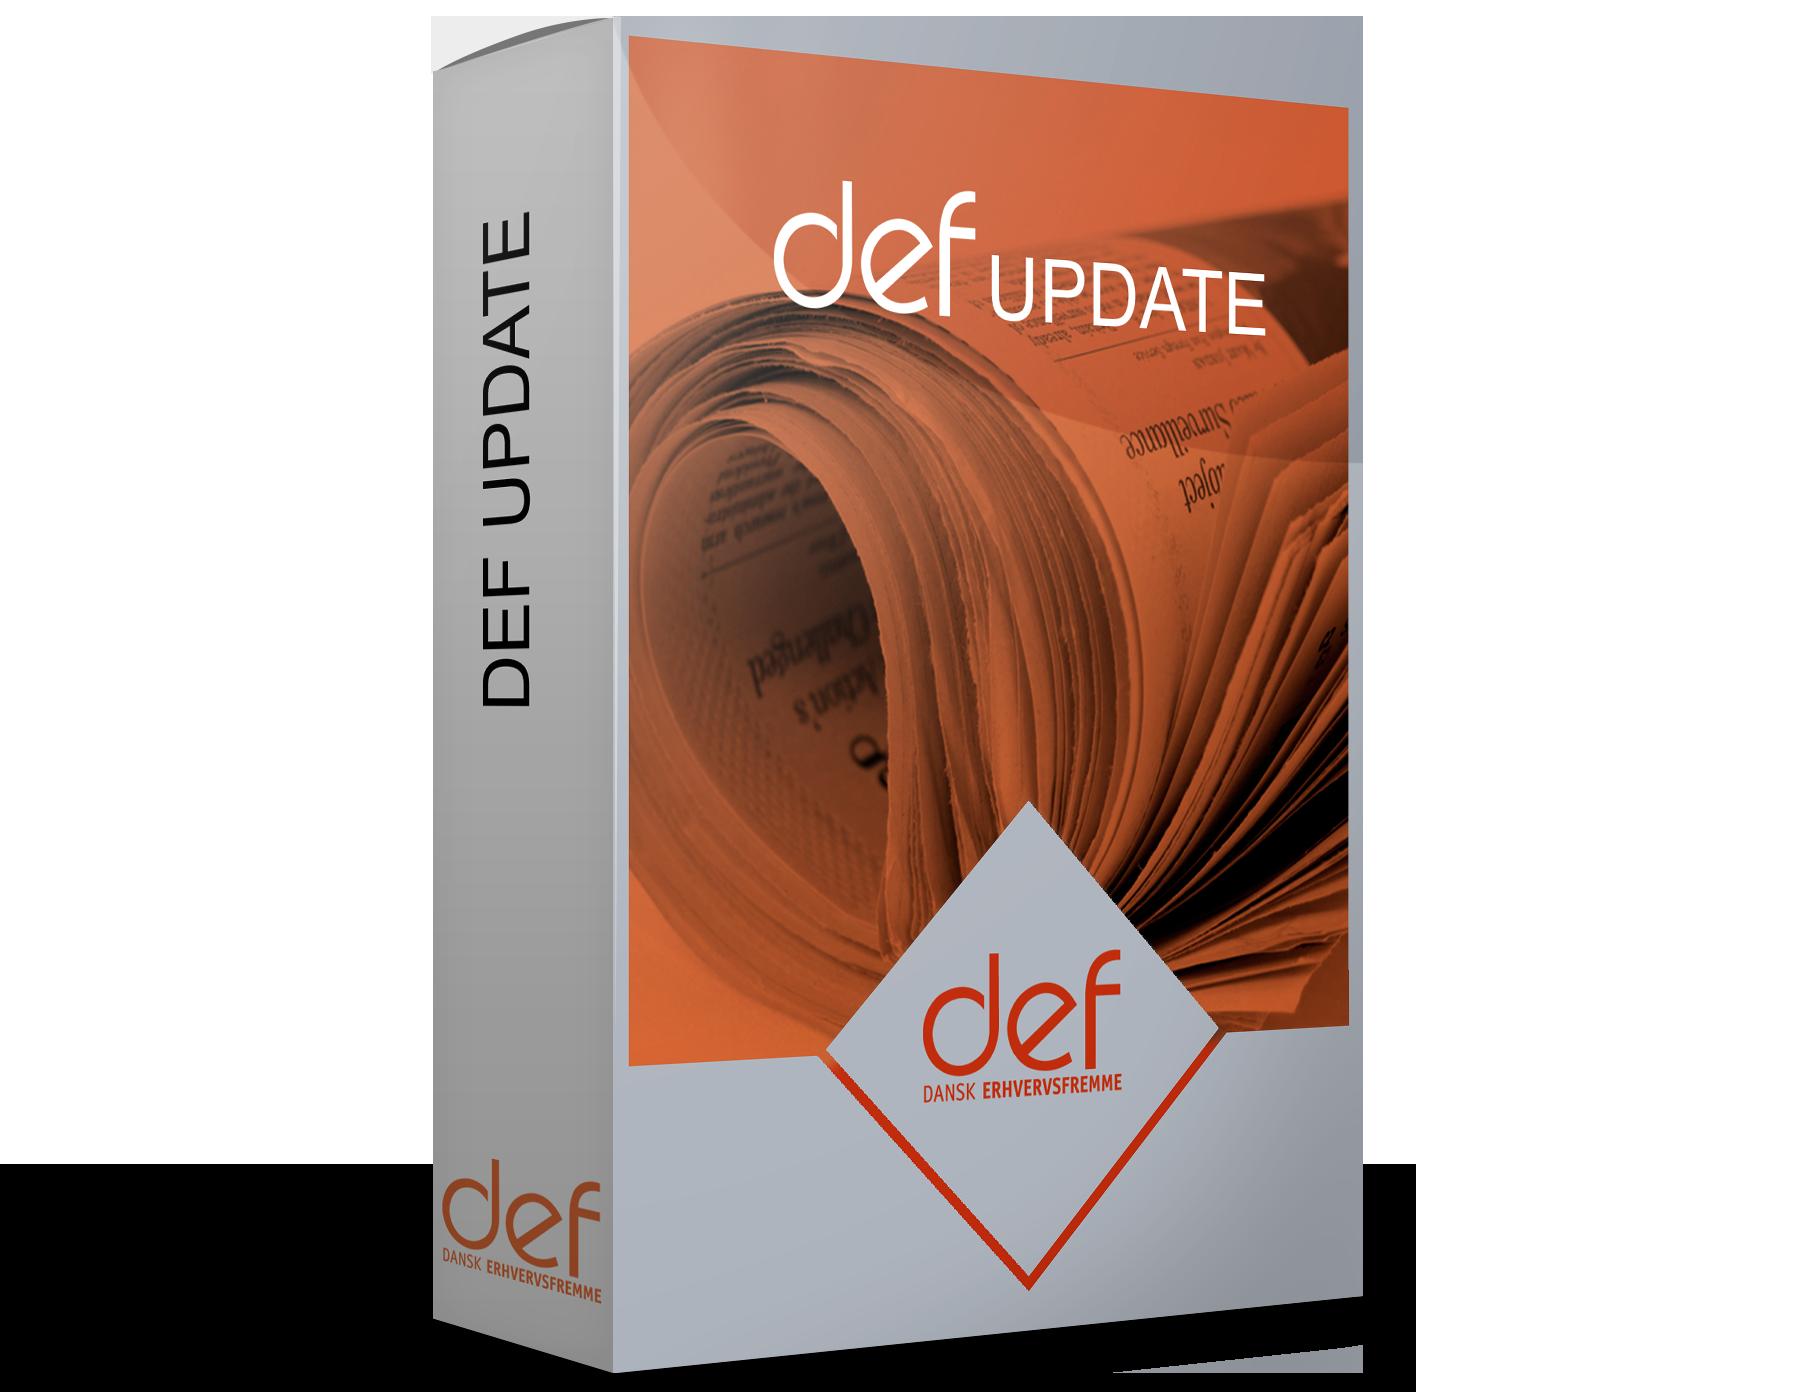 def-update-box